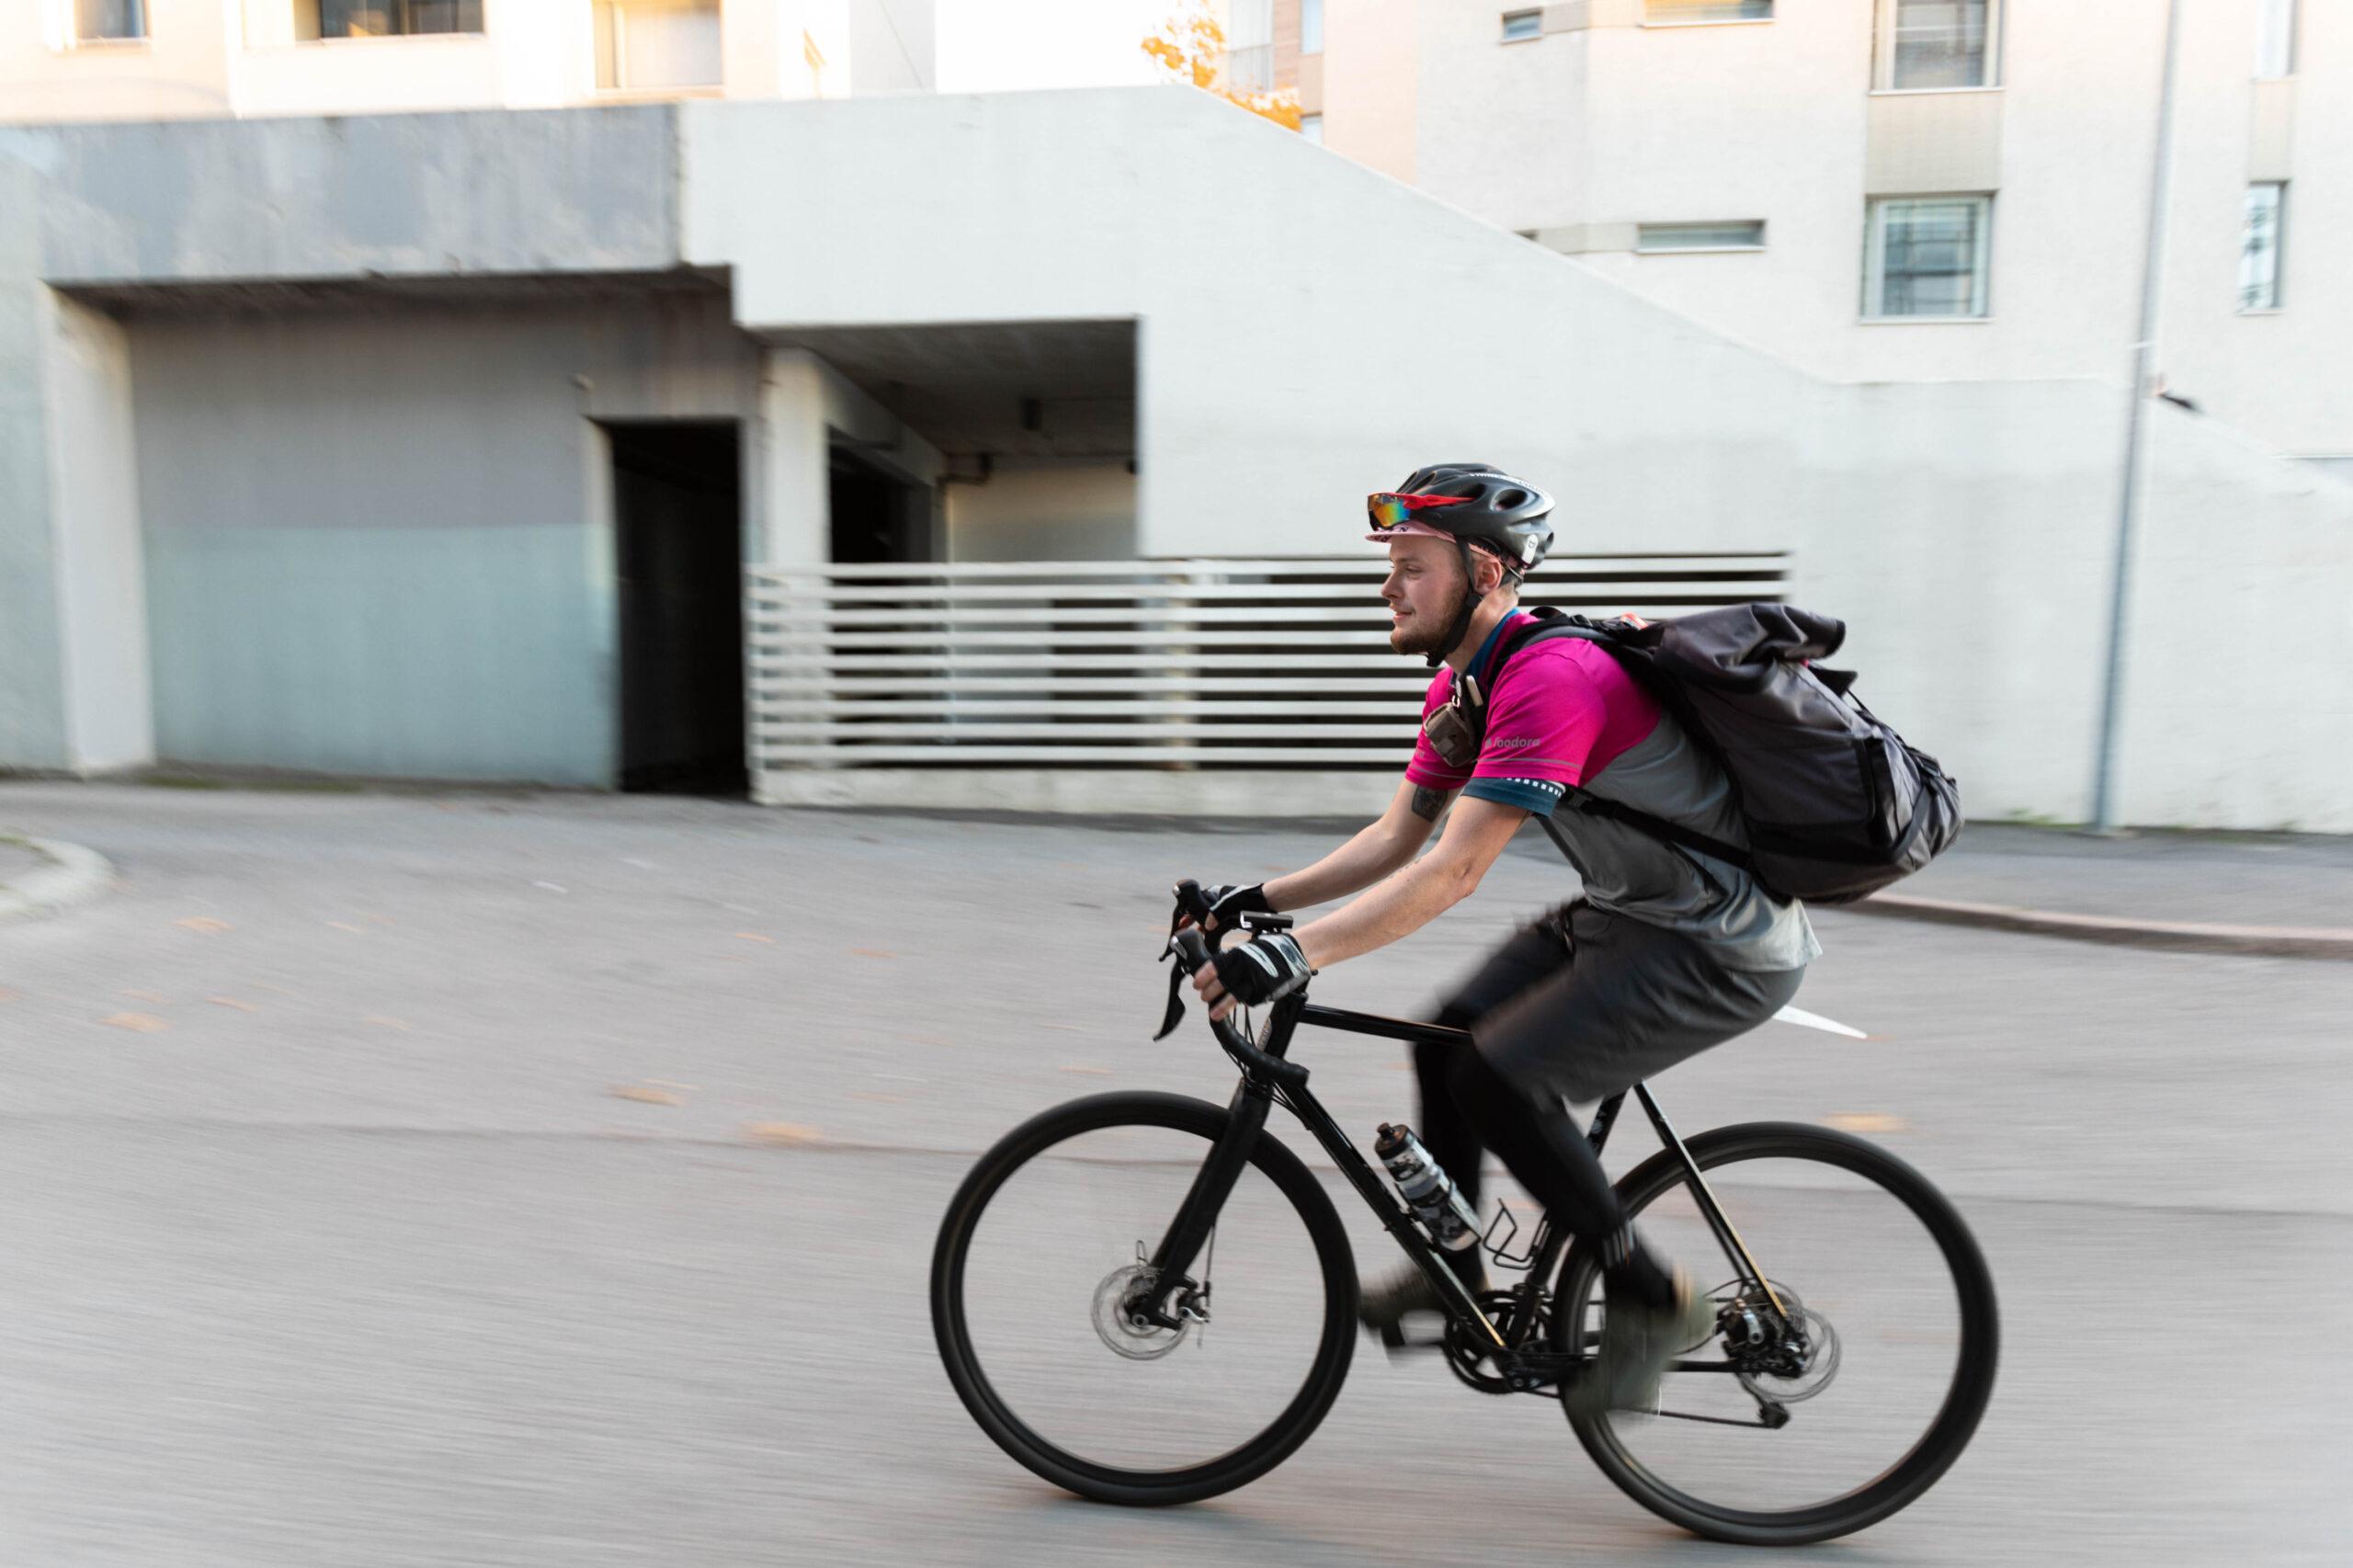 """""""Hämeentie on varmaan yksi Helsingin pahimpia pyöräilykatuja. Vaikka normaalisti yritän vältellä sillä ajamista, niin usein sitä joutuu kuitenkin käyttämään aikapulan takia."""""""